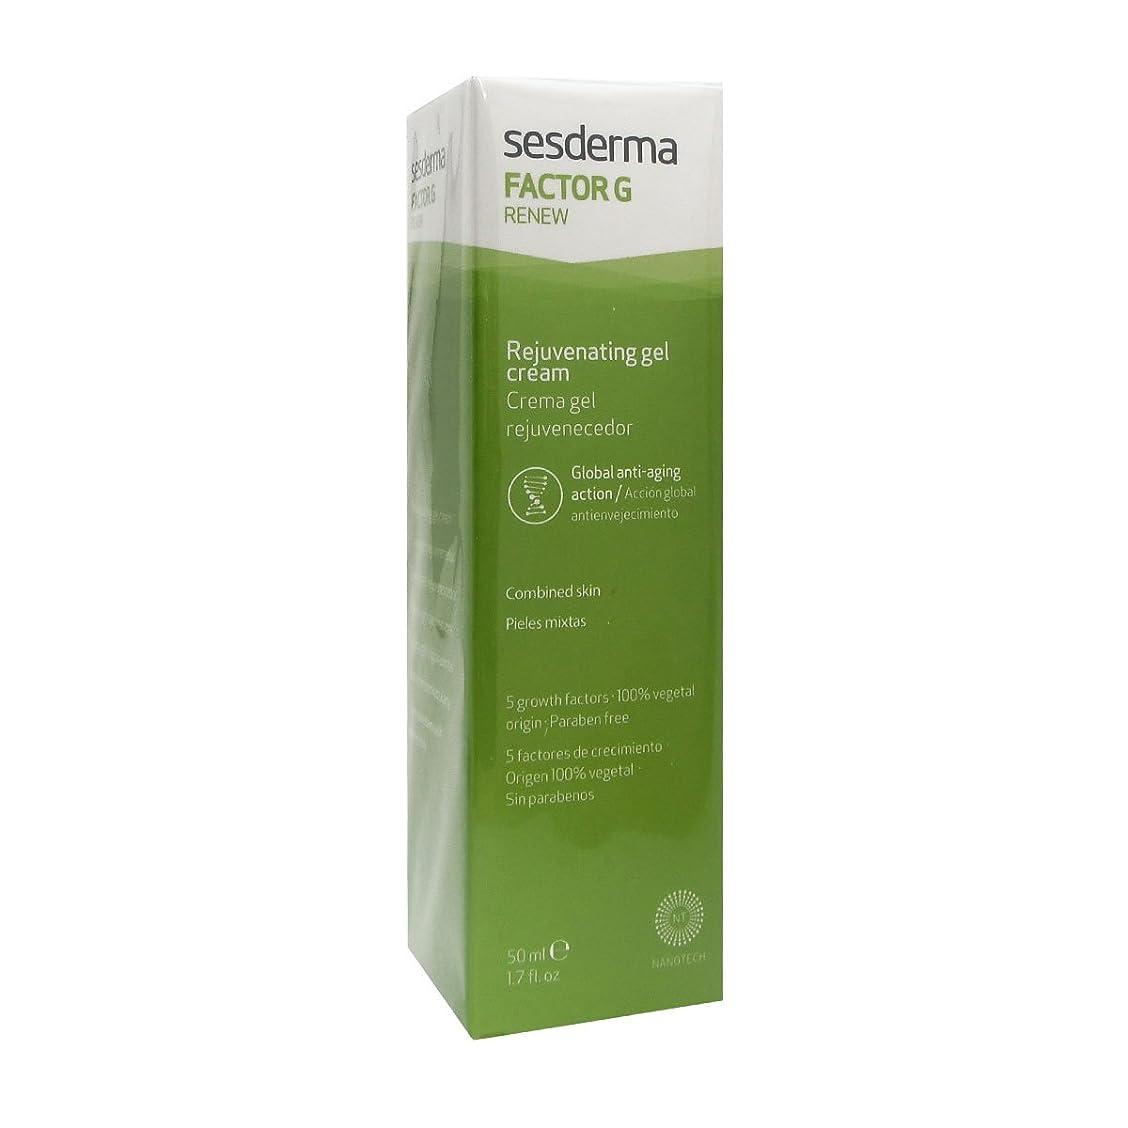 軸類似性何よりもSesderma Factor G Renew Cream Facial Cream 50ml [並行輸入品]